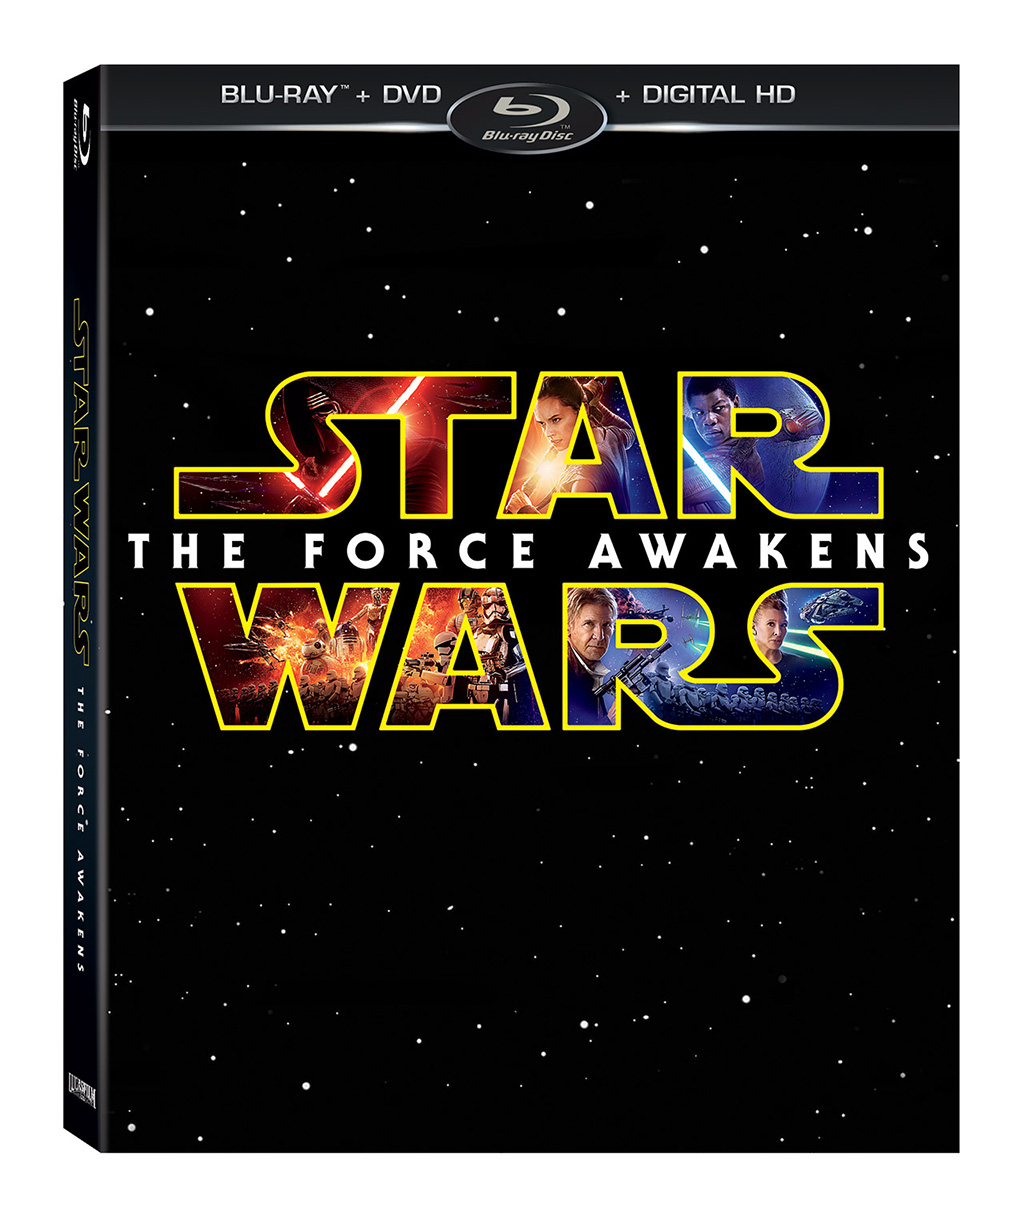 Blu-ray-Star Wars El Despertar de la Fuerza Combo